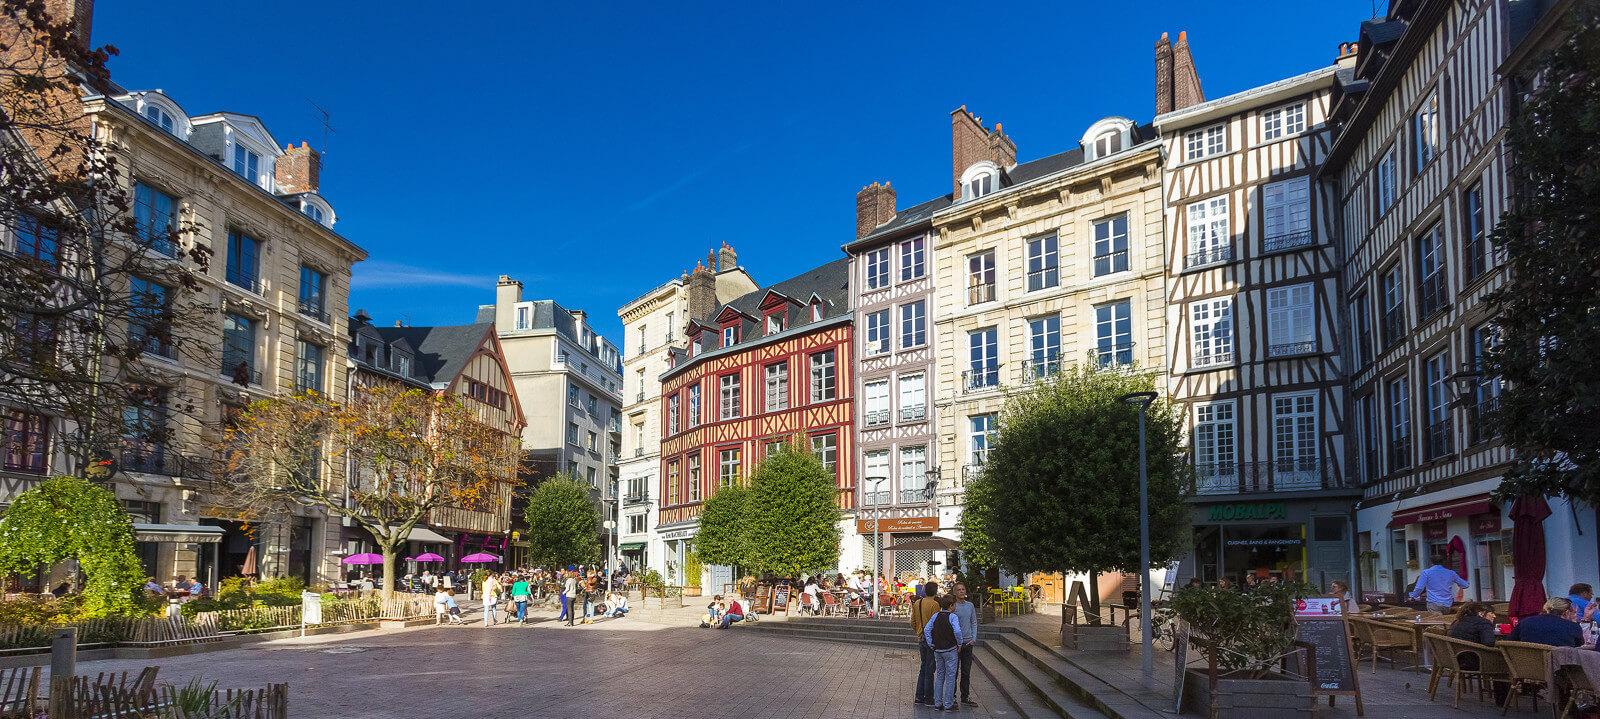 Zentrum von Rouen